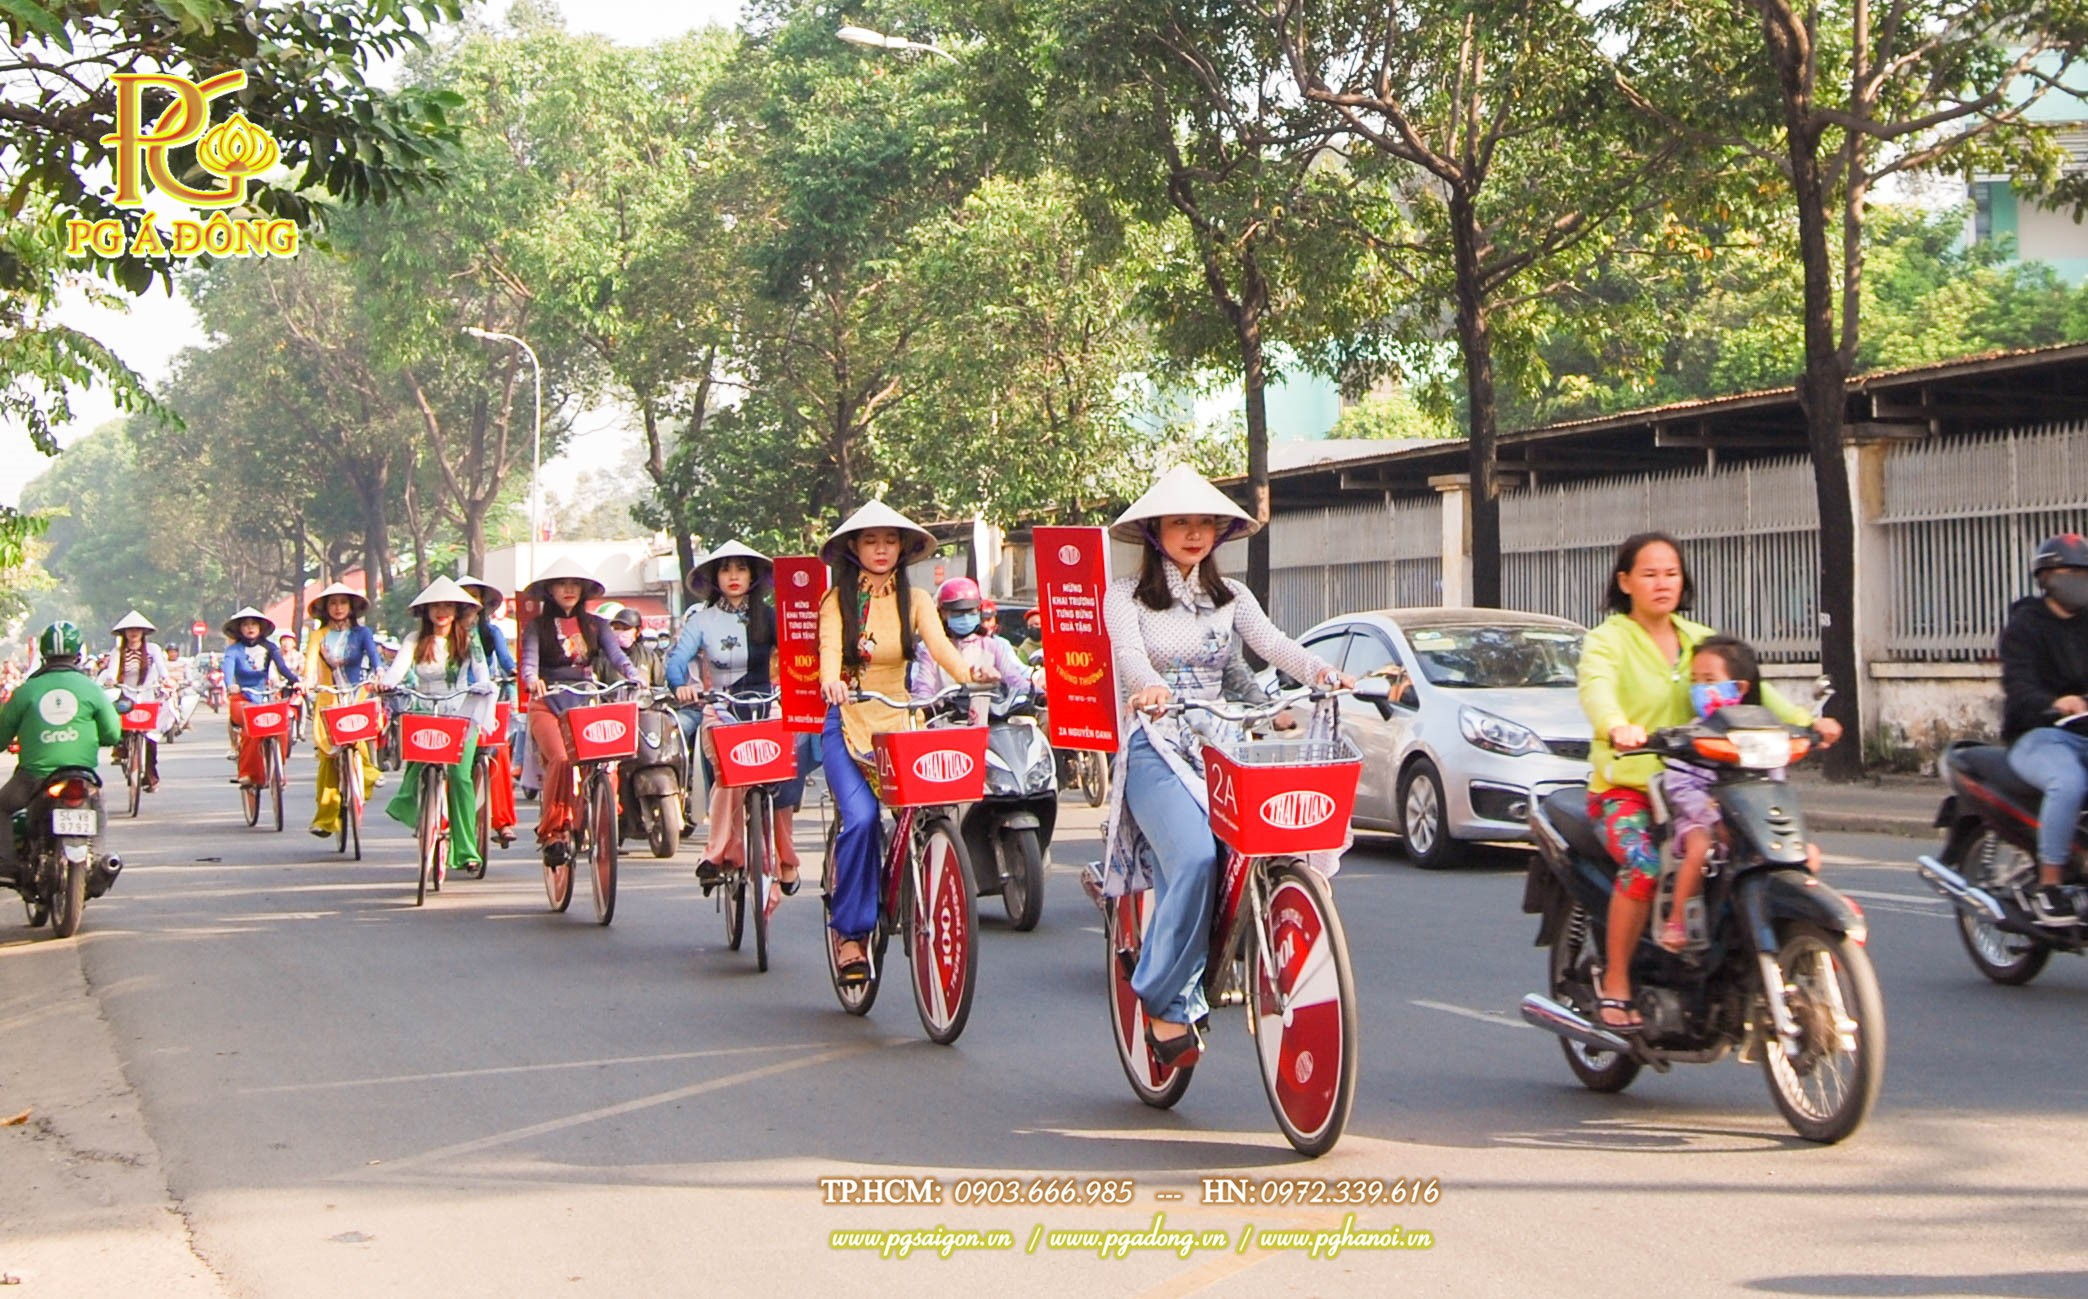 Đoàn roadshow xe đạp nổi bật trên tuyến đường đi qua